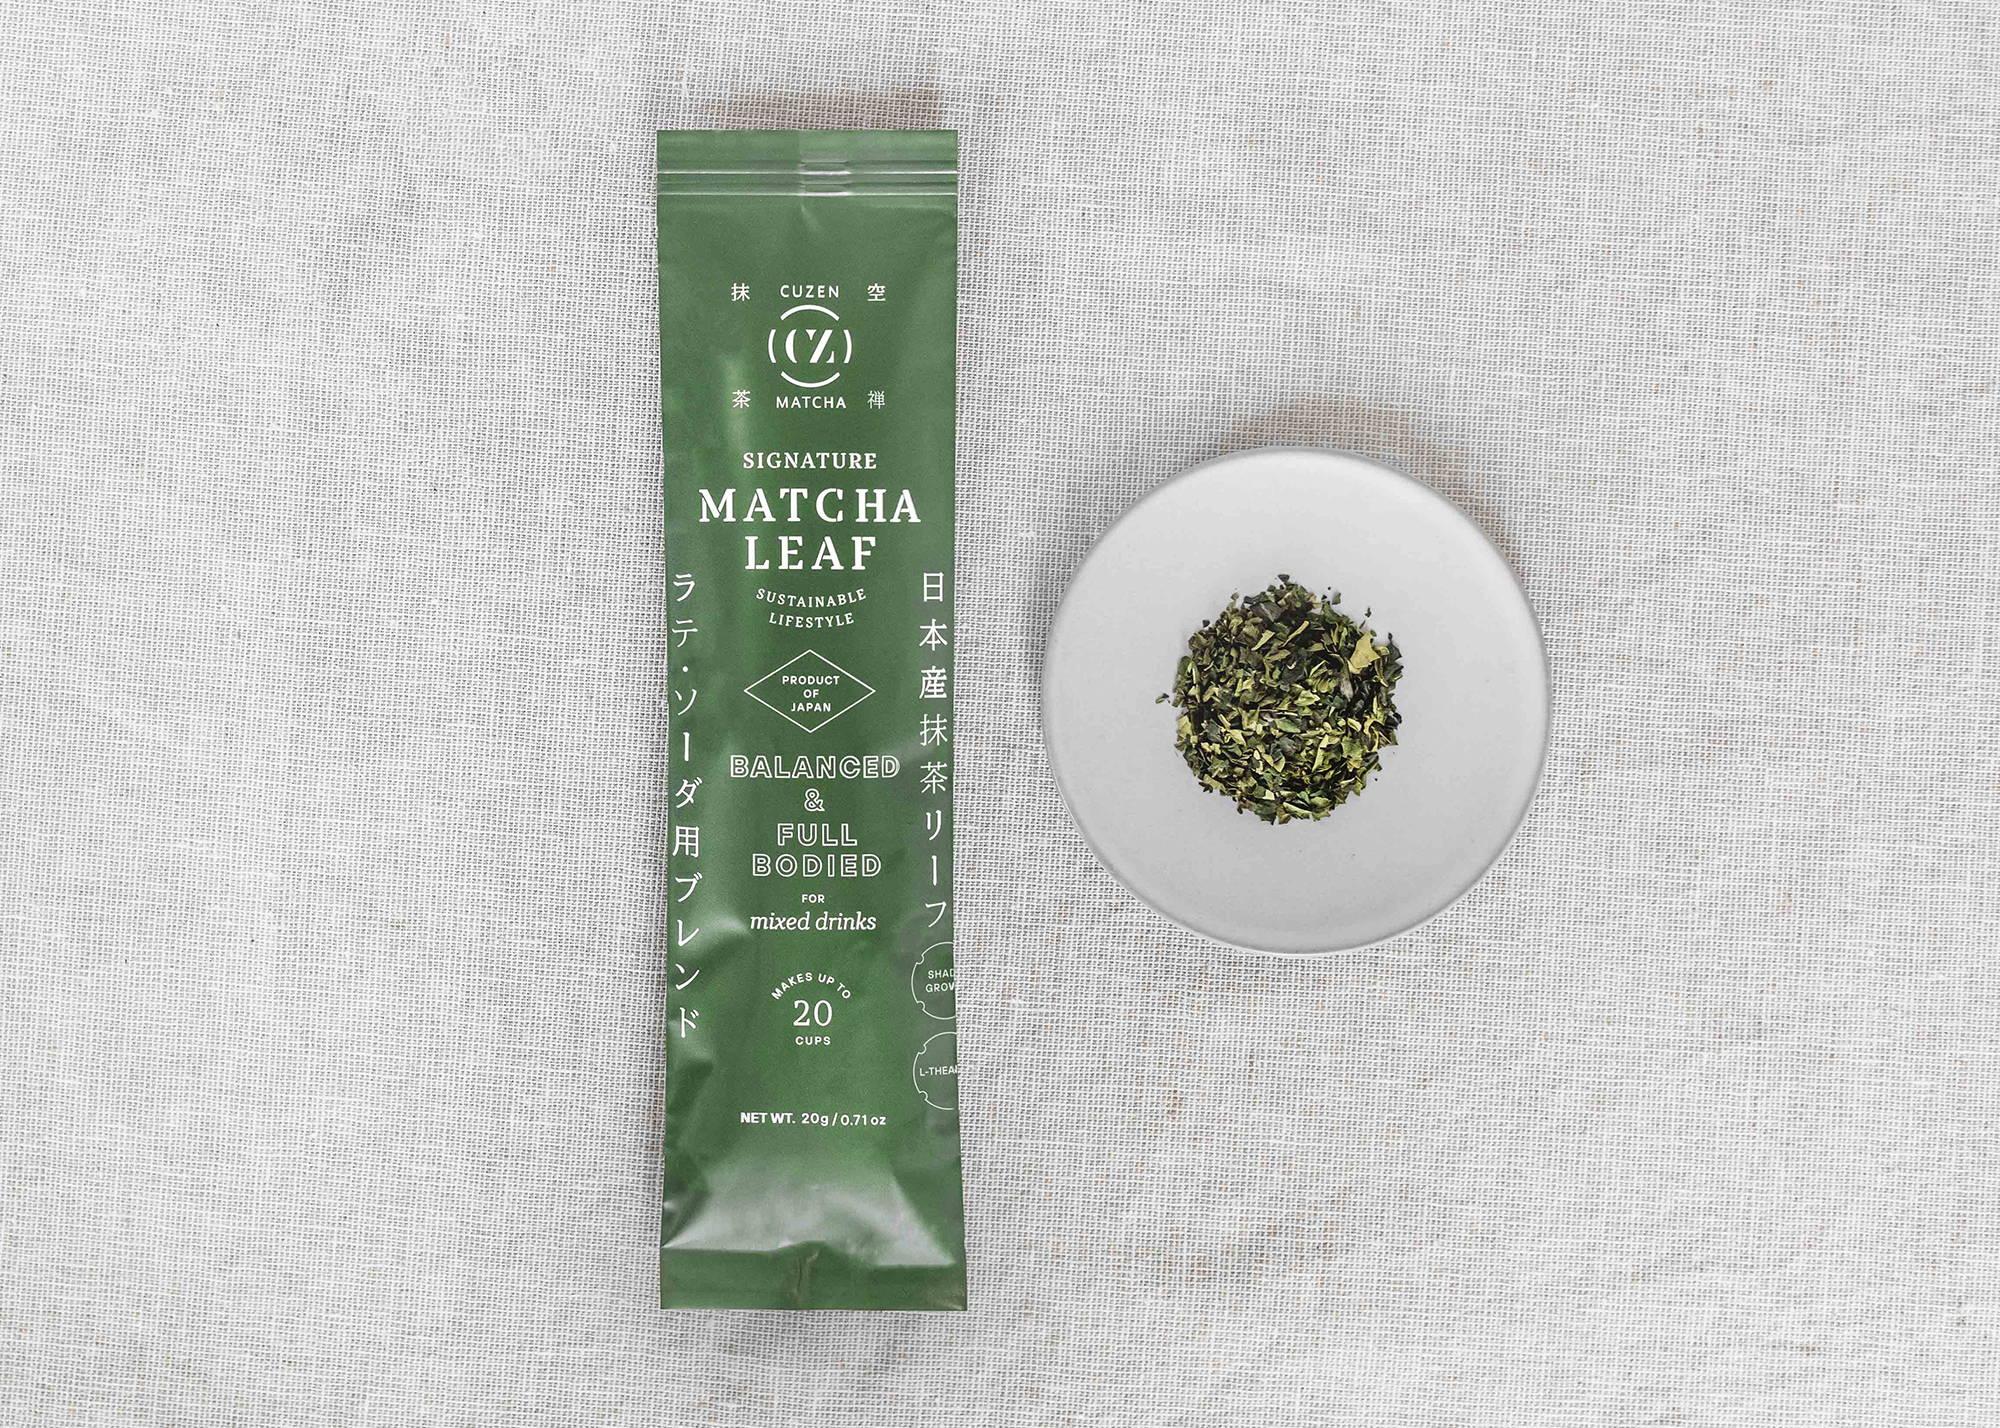 Matcha tea leaves | Signature